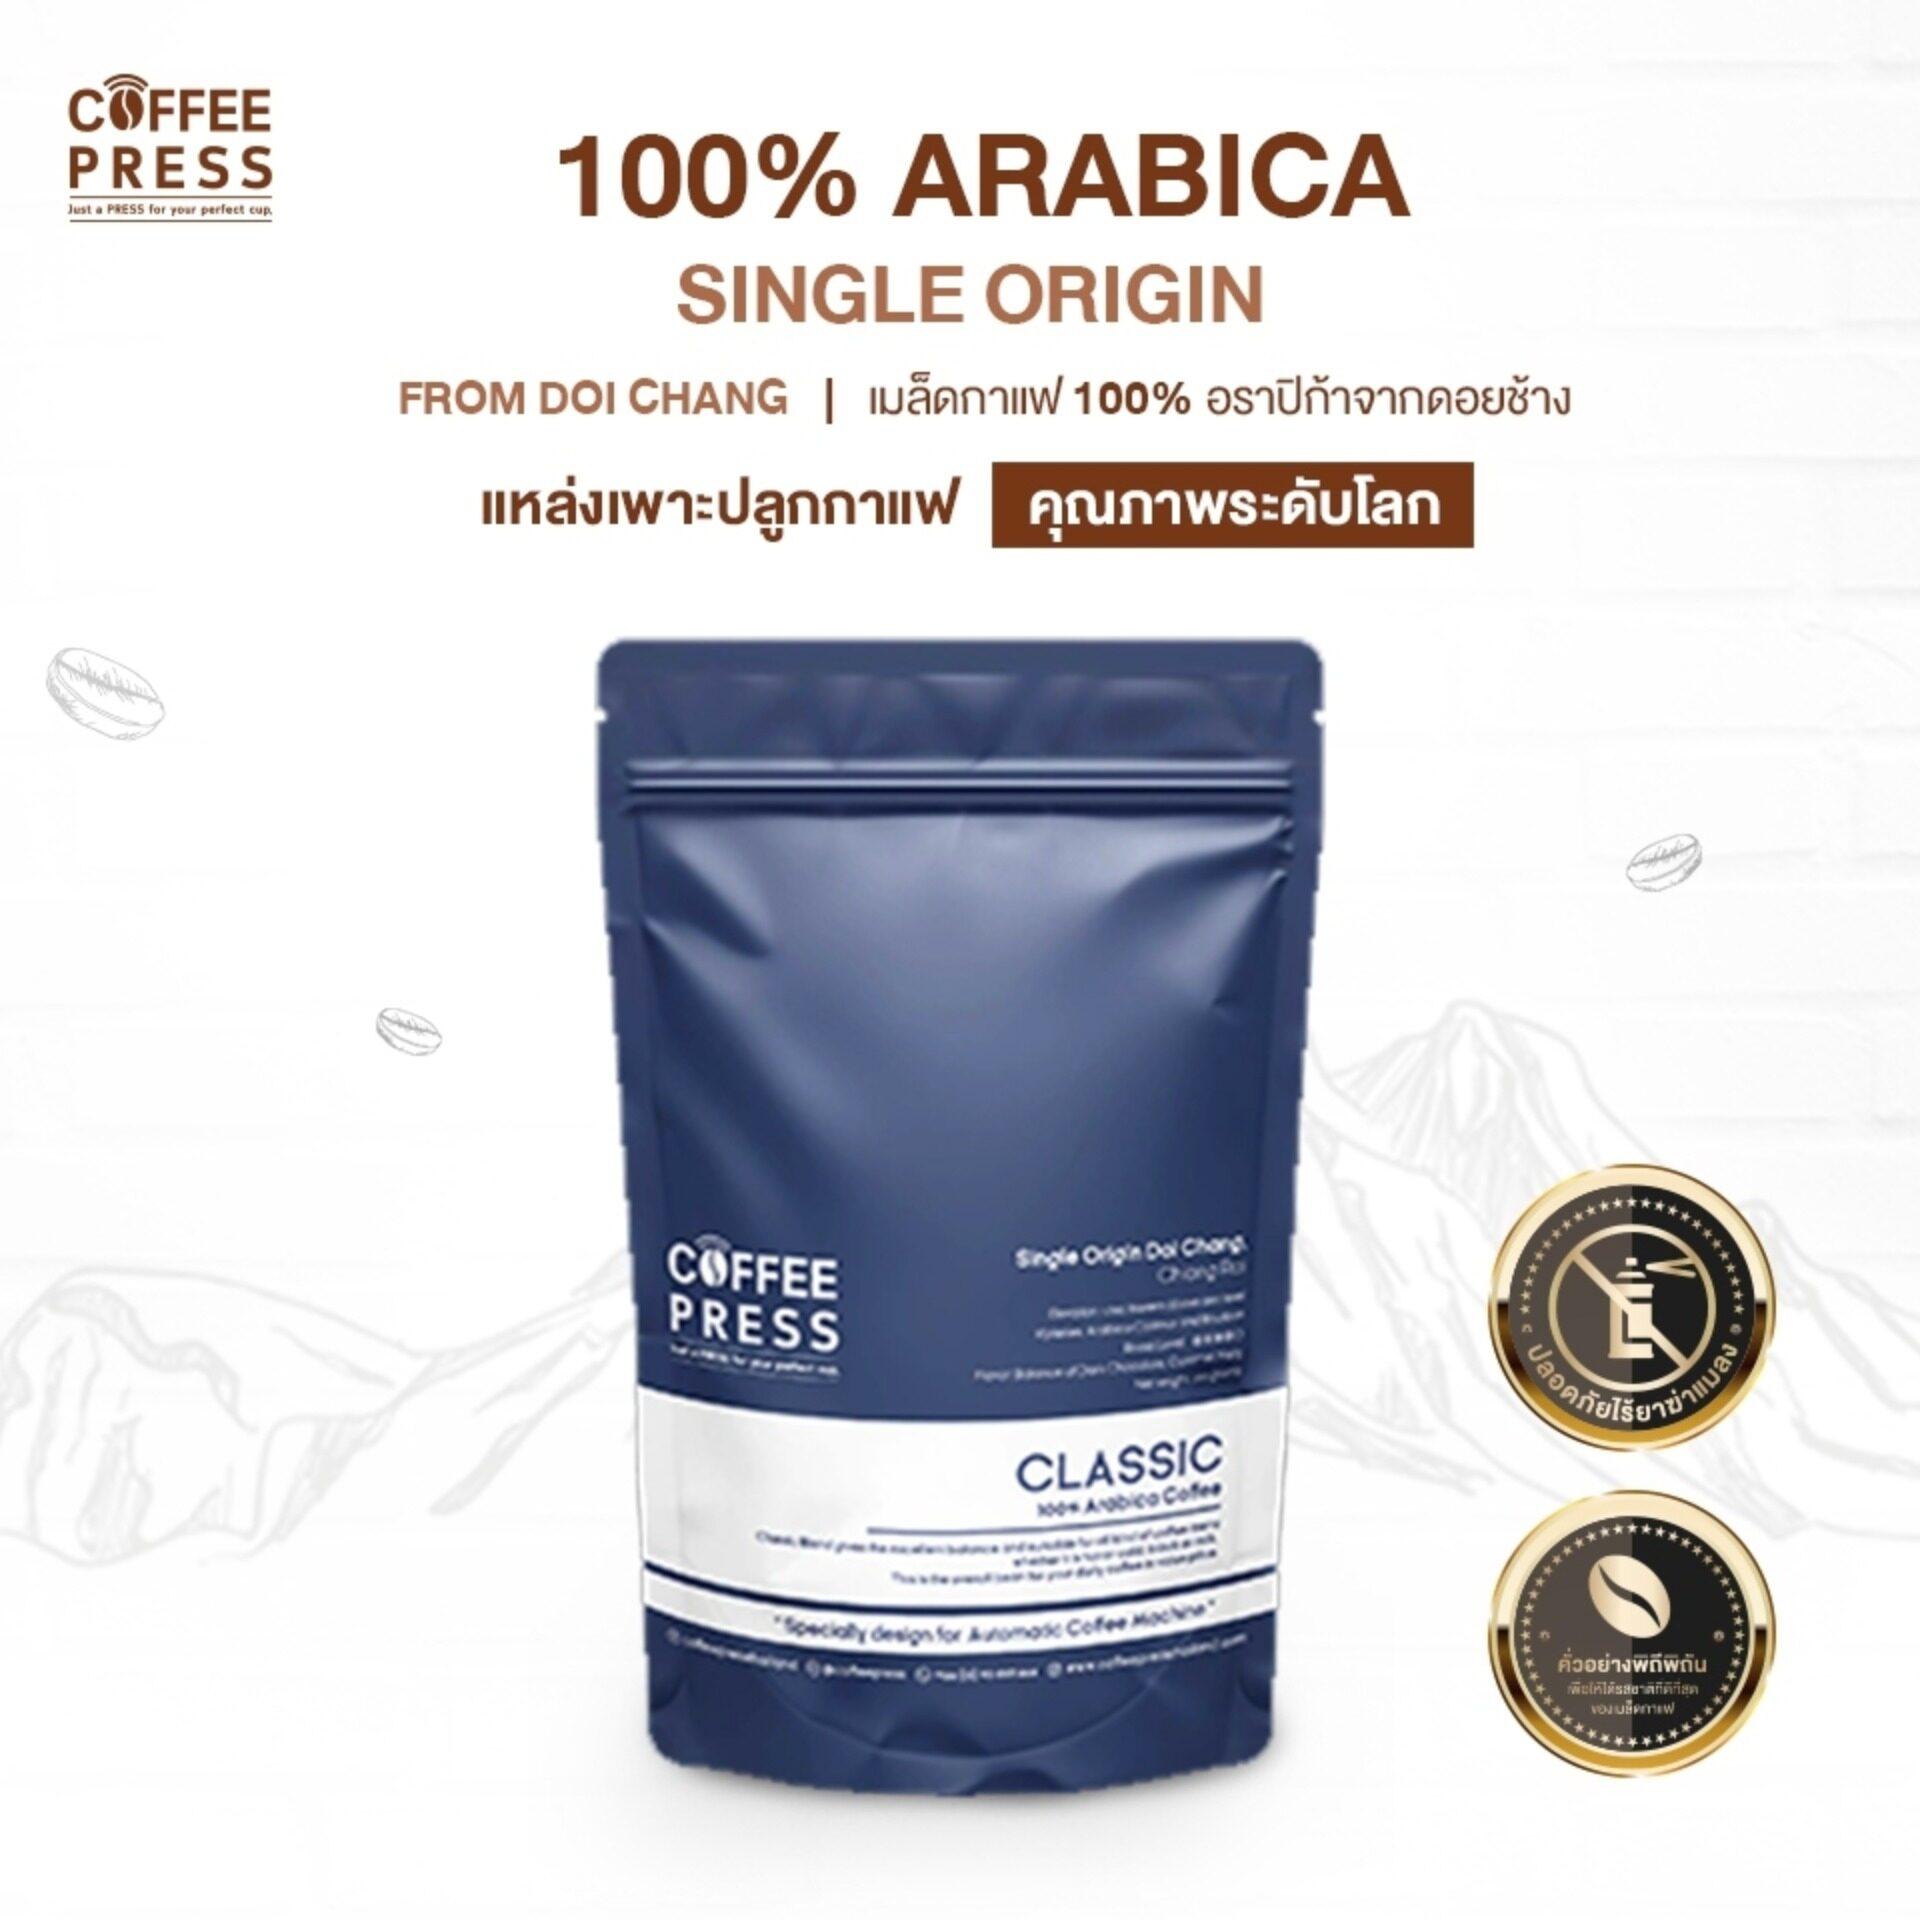 เมล็ดกาแฟสด 100% อราบิก้า จากแหล่งดอยช้าง  Coffee Press Classic.